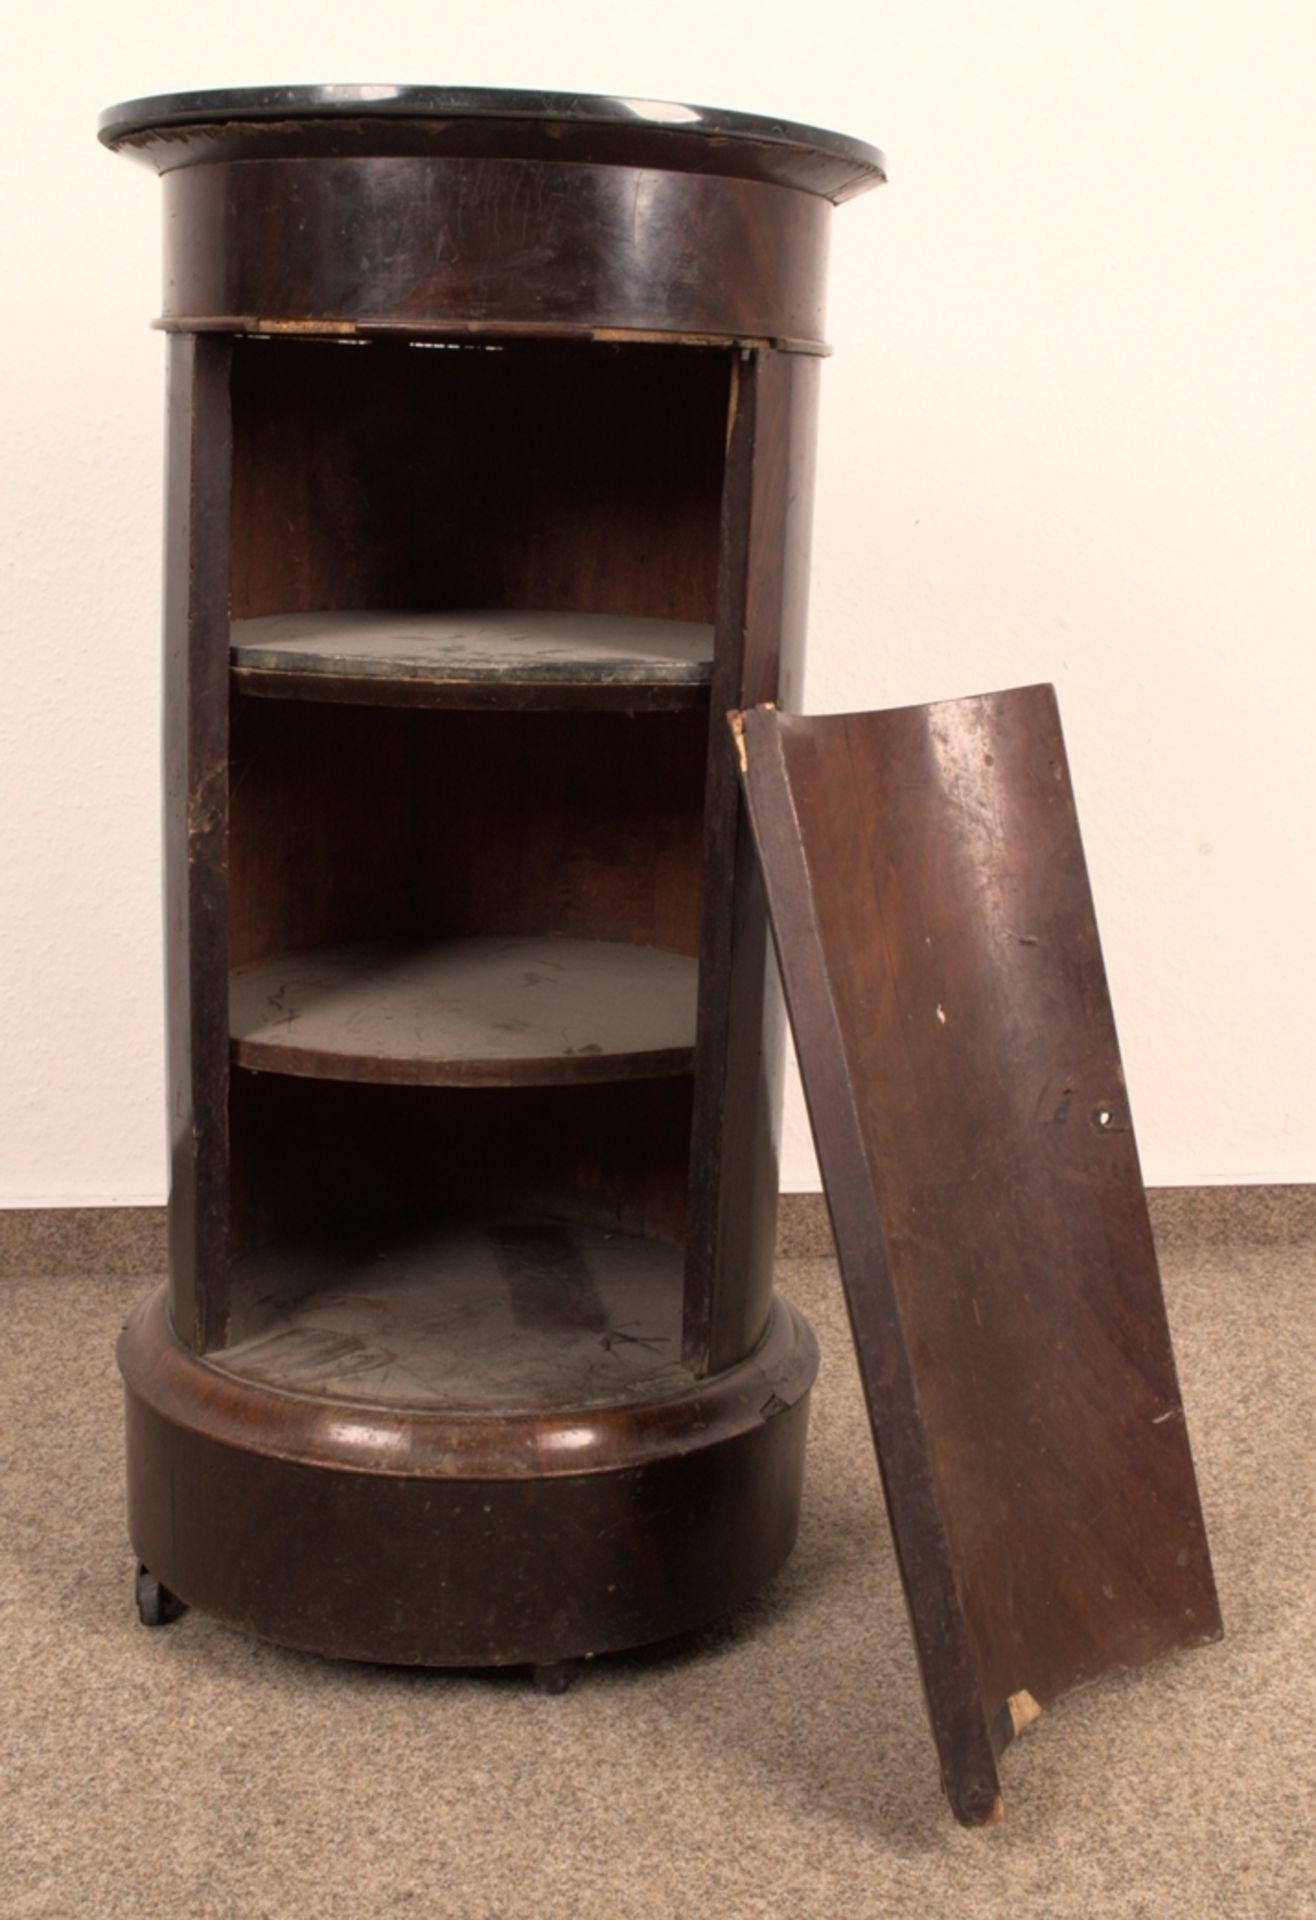 Antiker Säulenschrank/Trommelschrank, Biedermeier/Charles X, Frankreich 19./20. Jhd. Auf - Bild 5 aus 7